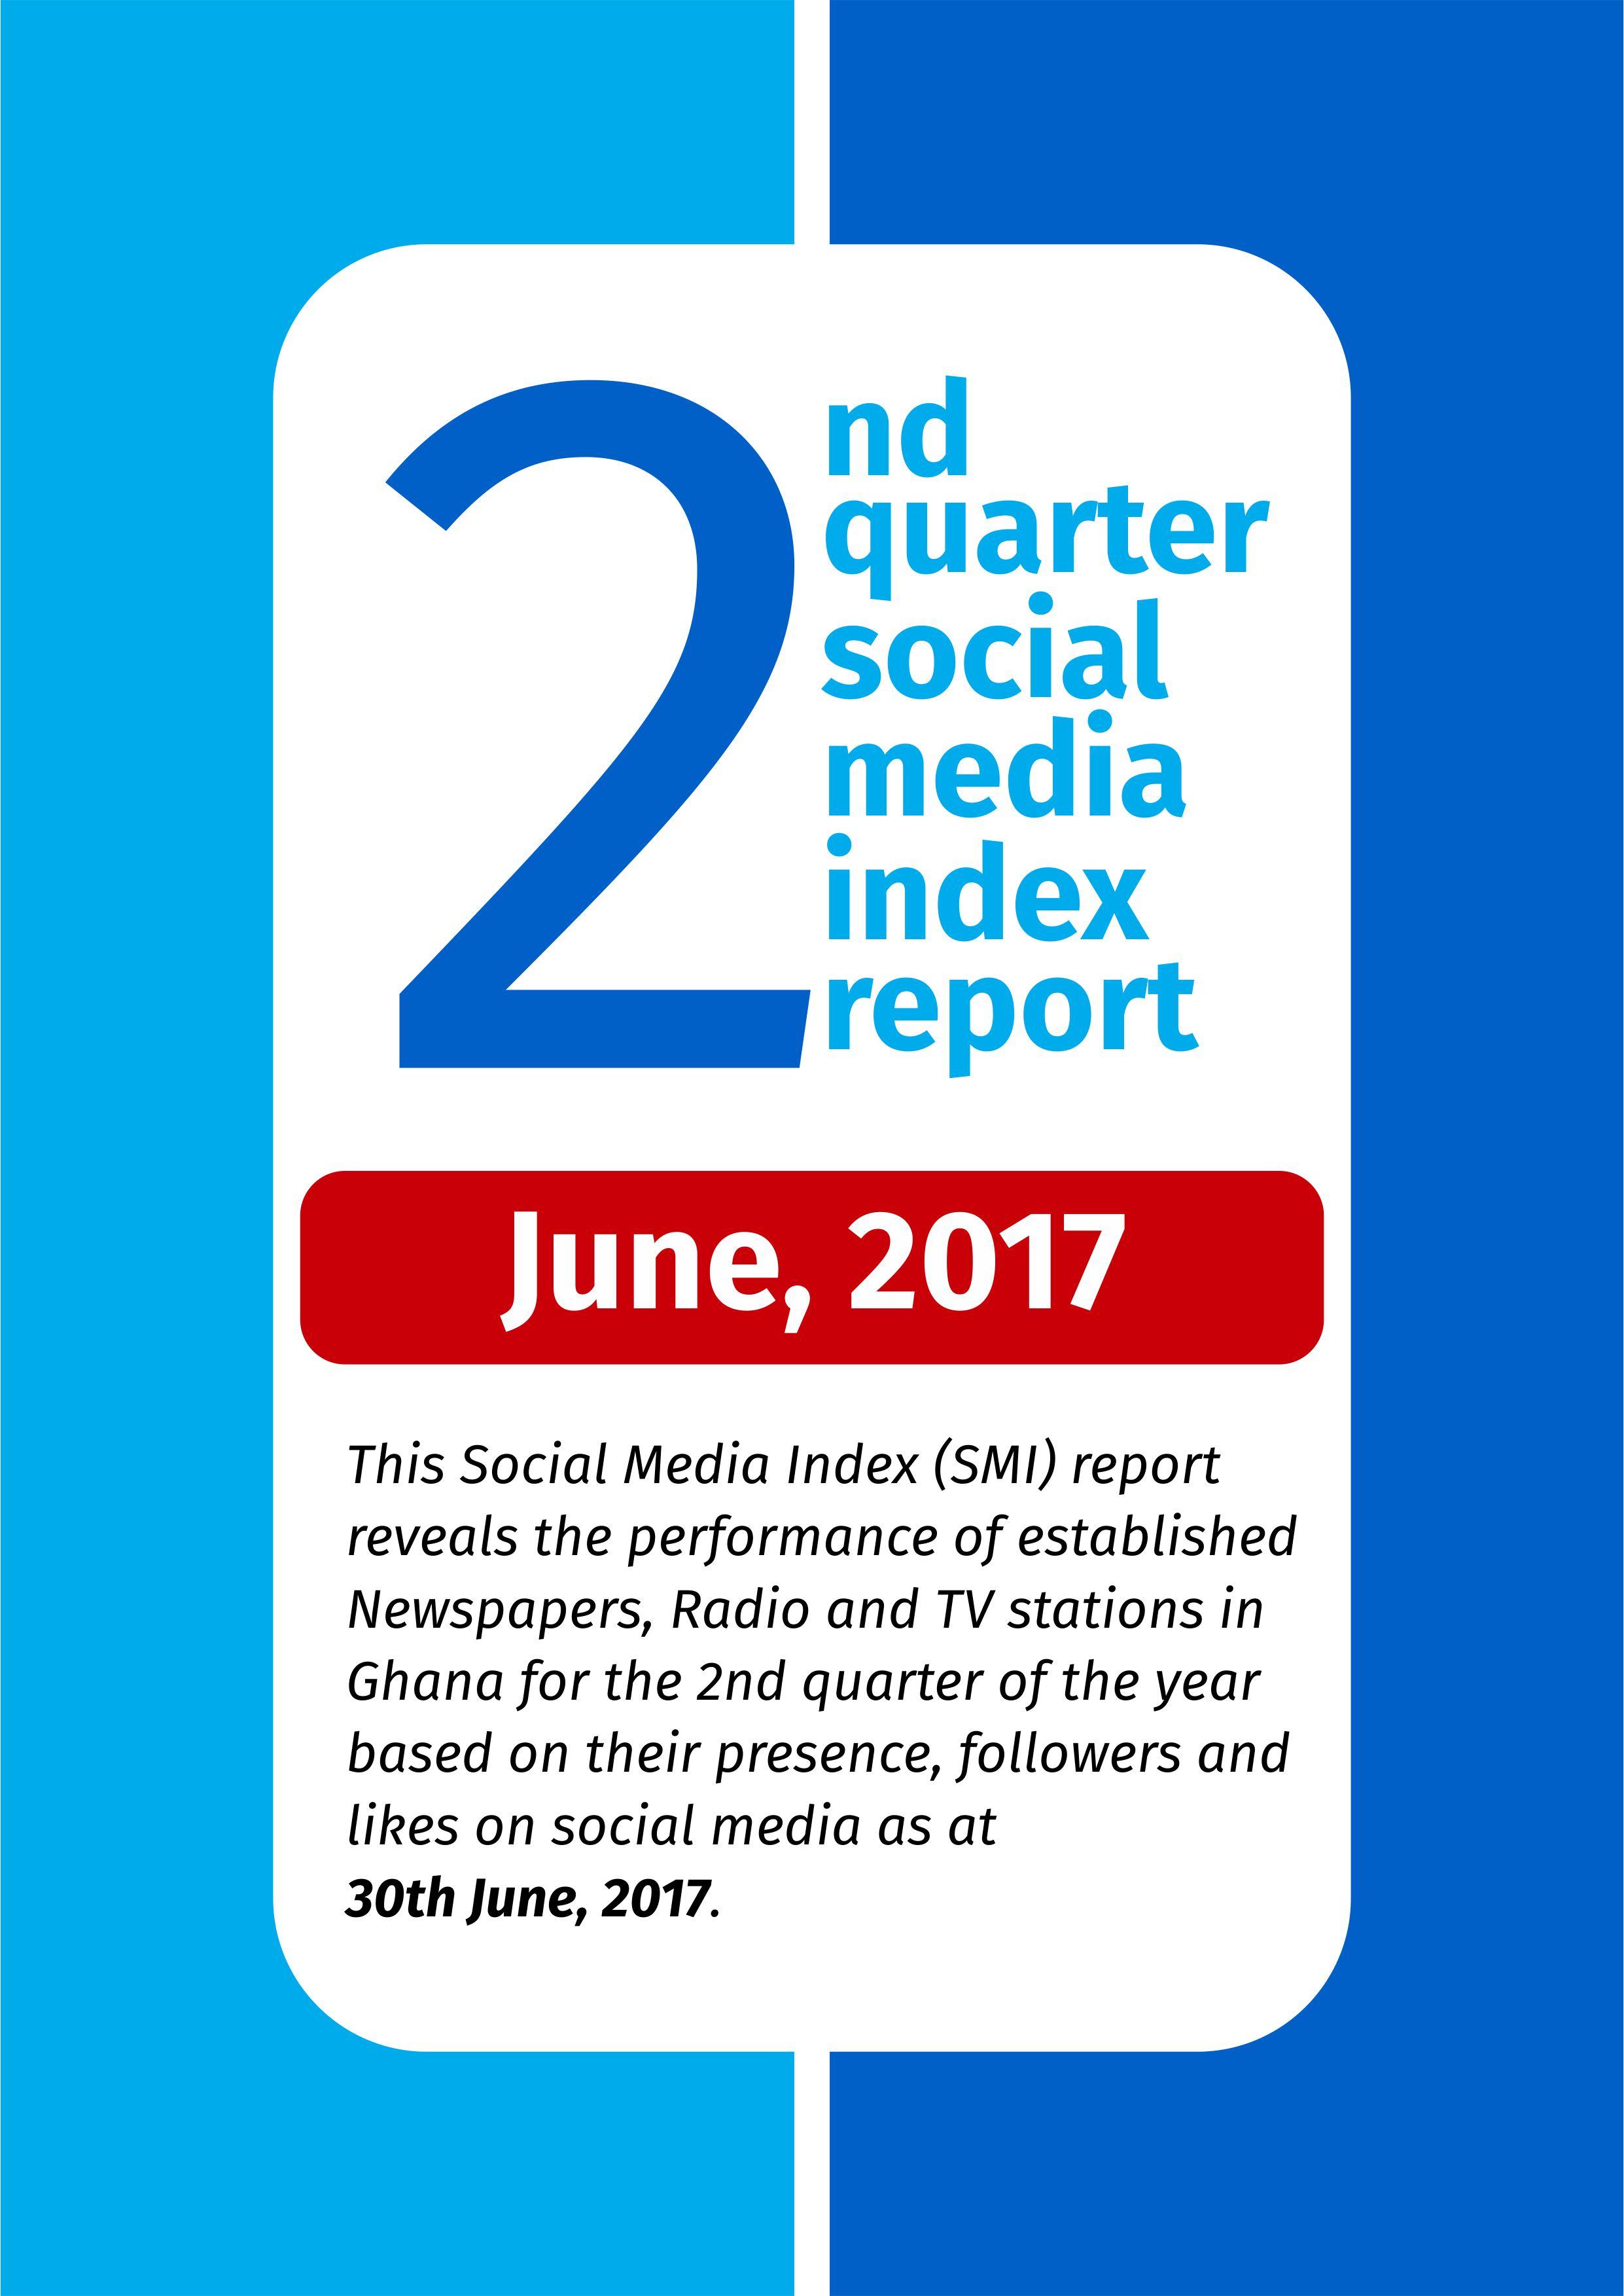 2ND QUARTER SOCIAL MEDIA INDEX REPORT- JUNE 2017